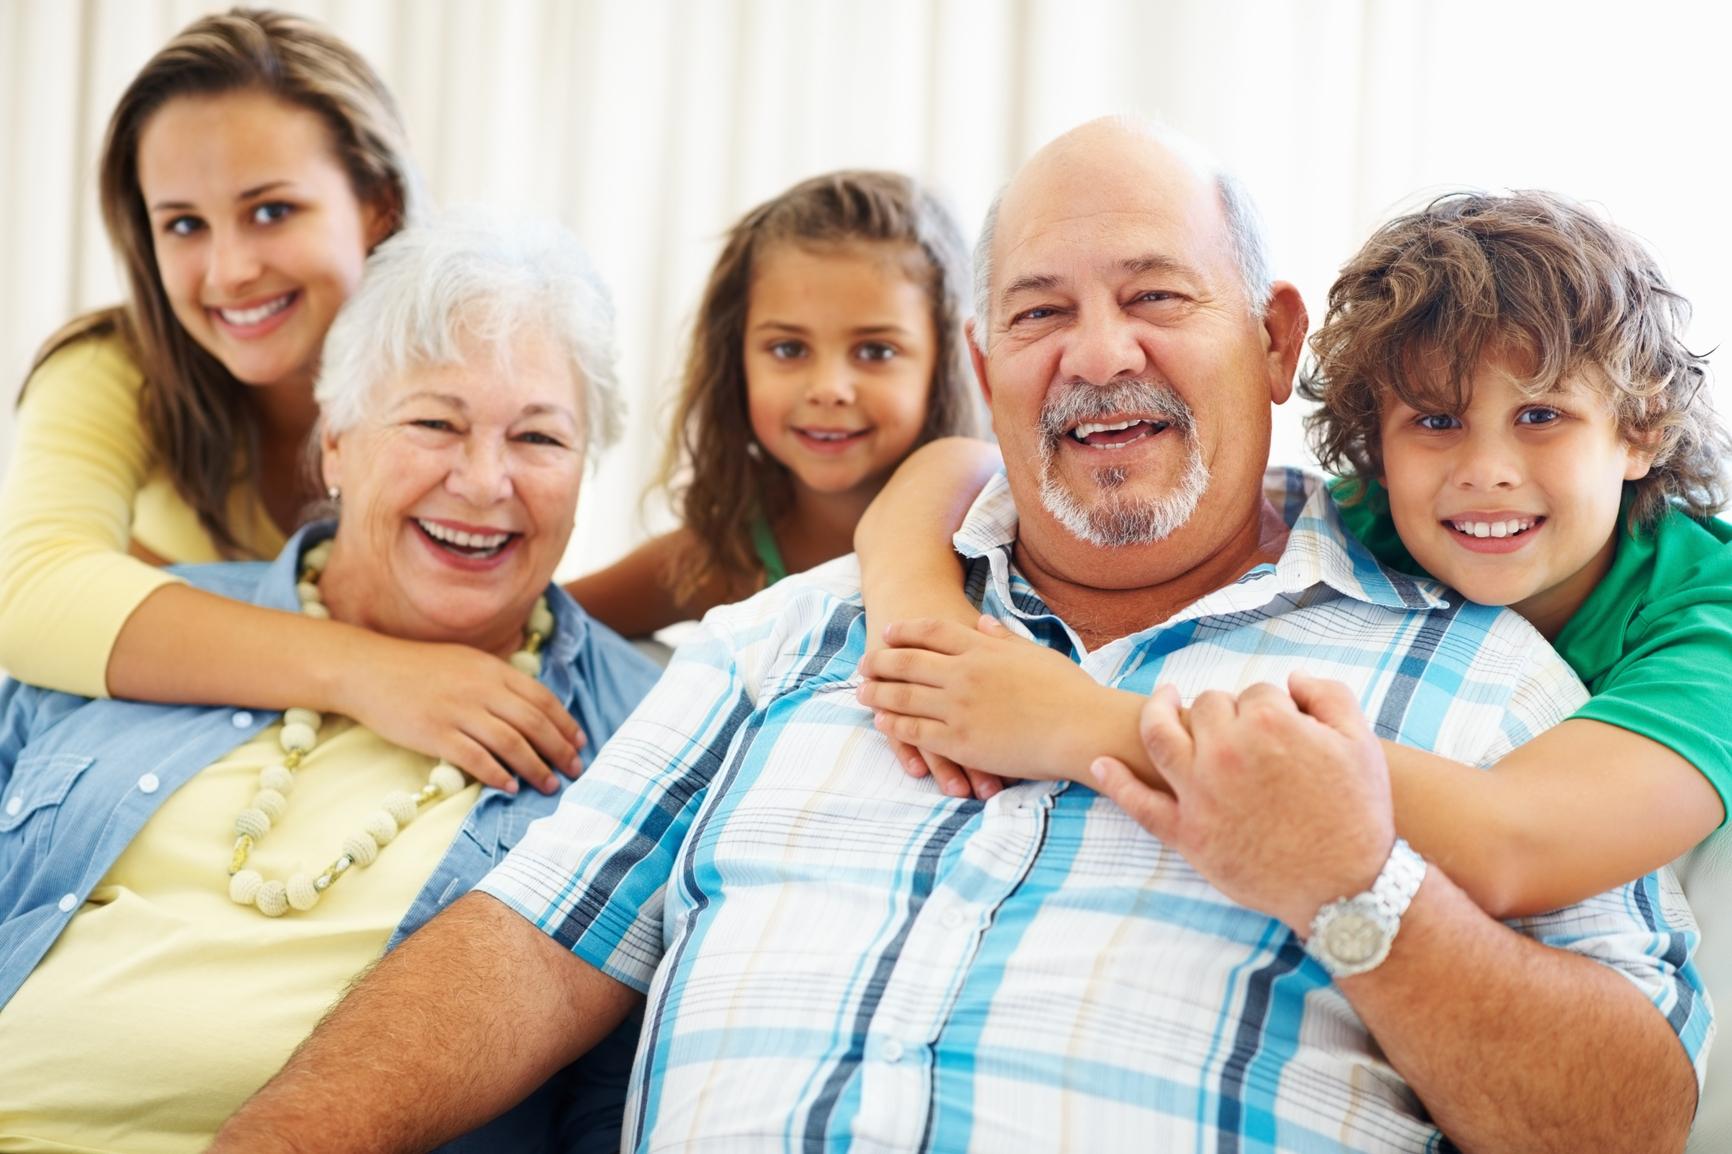 Mâu thuẫn nuôi dạy con giữa mẹ ruột, mẹ chồng và con dâu - Ảnh 1